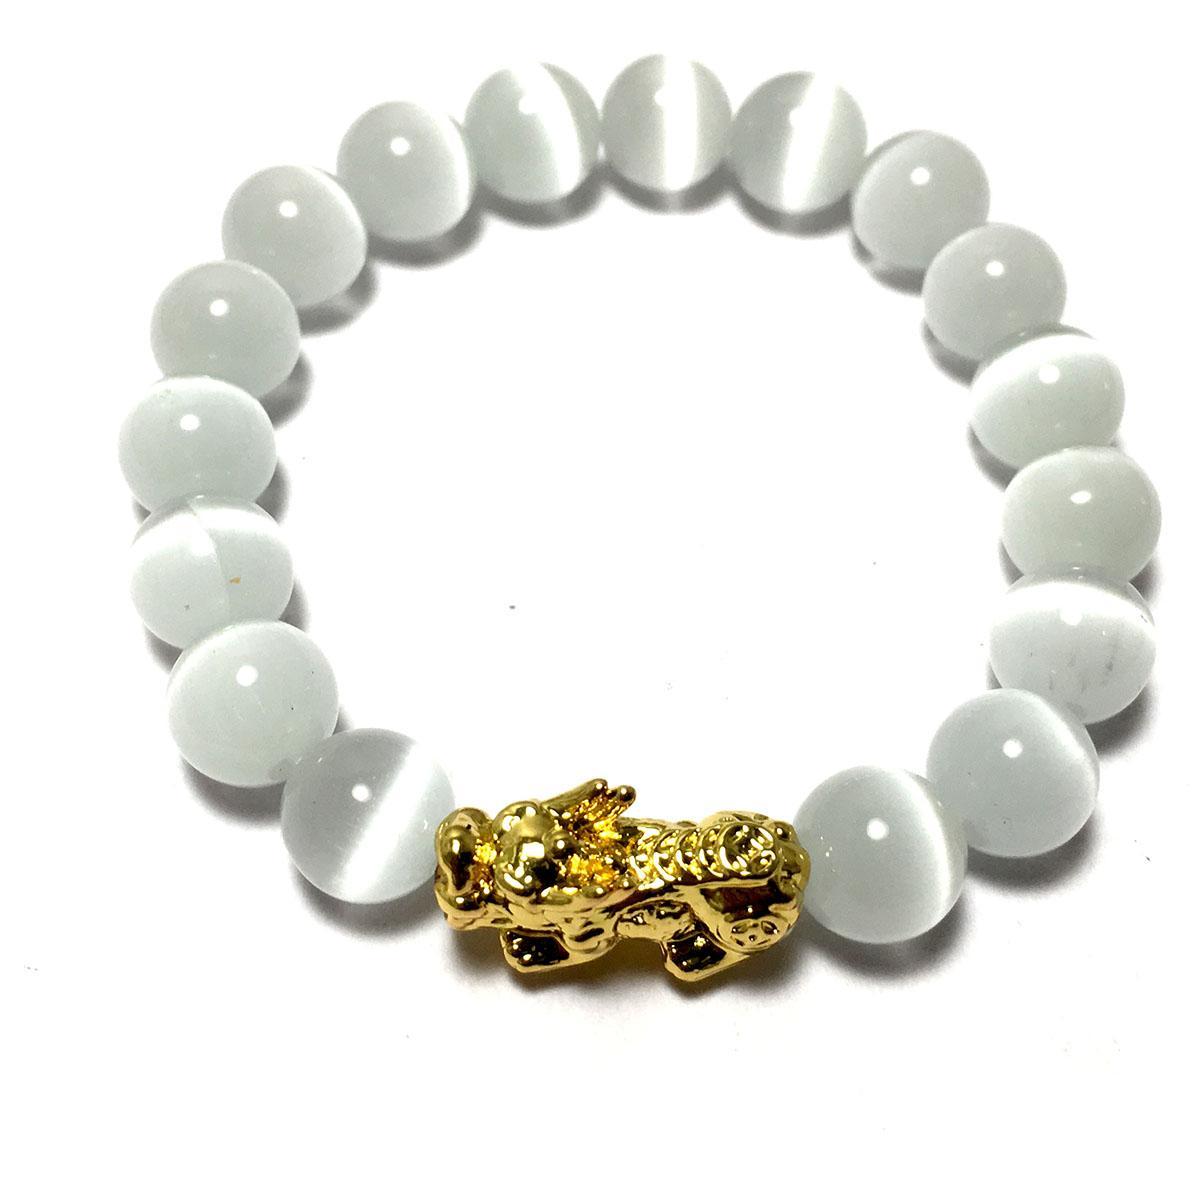 Vòng tay phong thủy đá mắt mèo màu trắng kèm cham tì hiu bạc mạ vàng 24k cao cấp cho người mệnh kim - mệnh thủy - VPT33A- Bạc QTJ (TRẮNG)